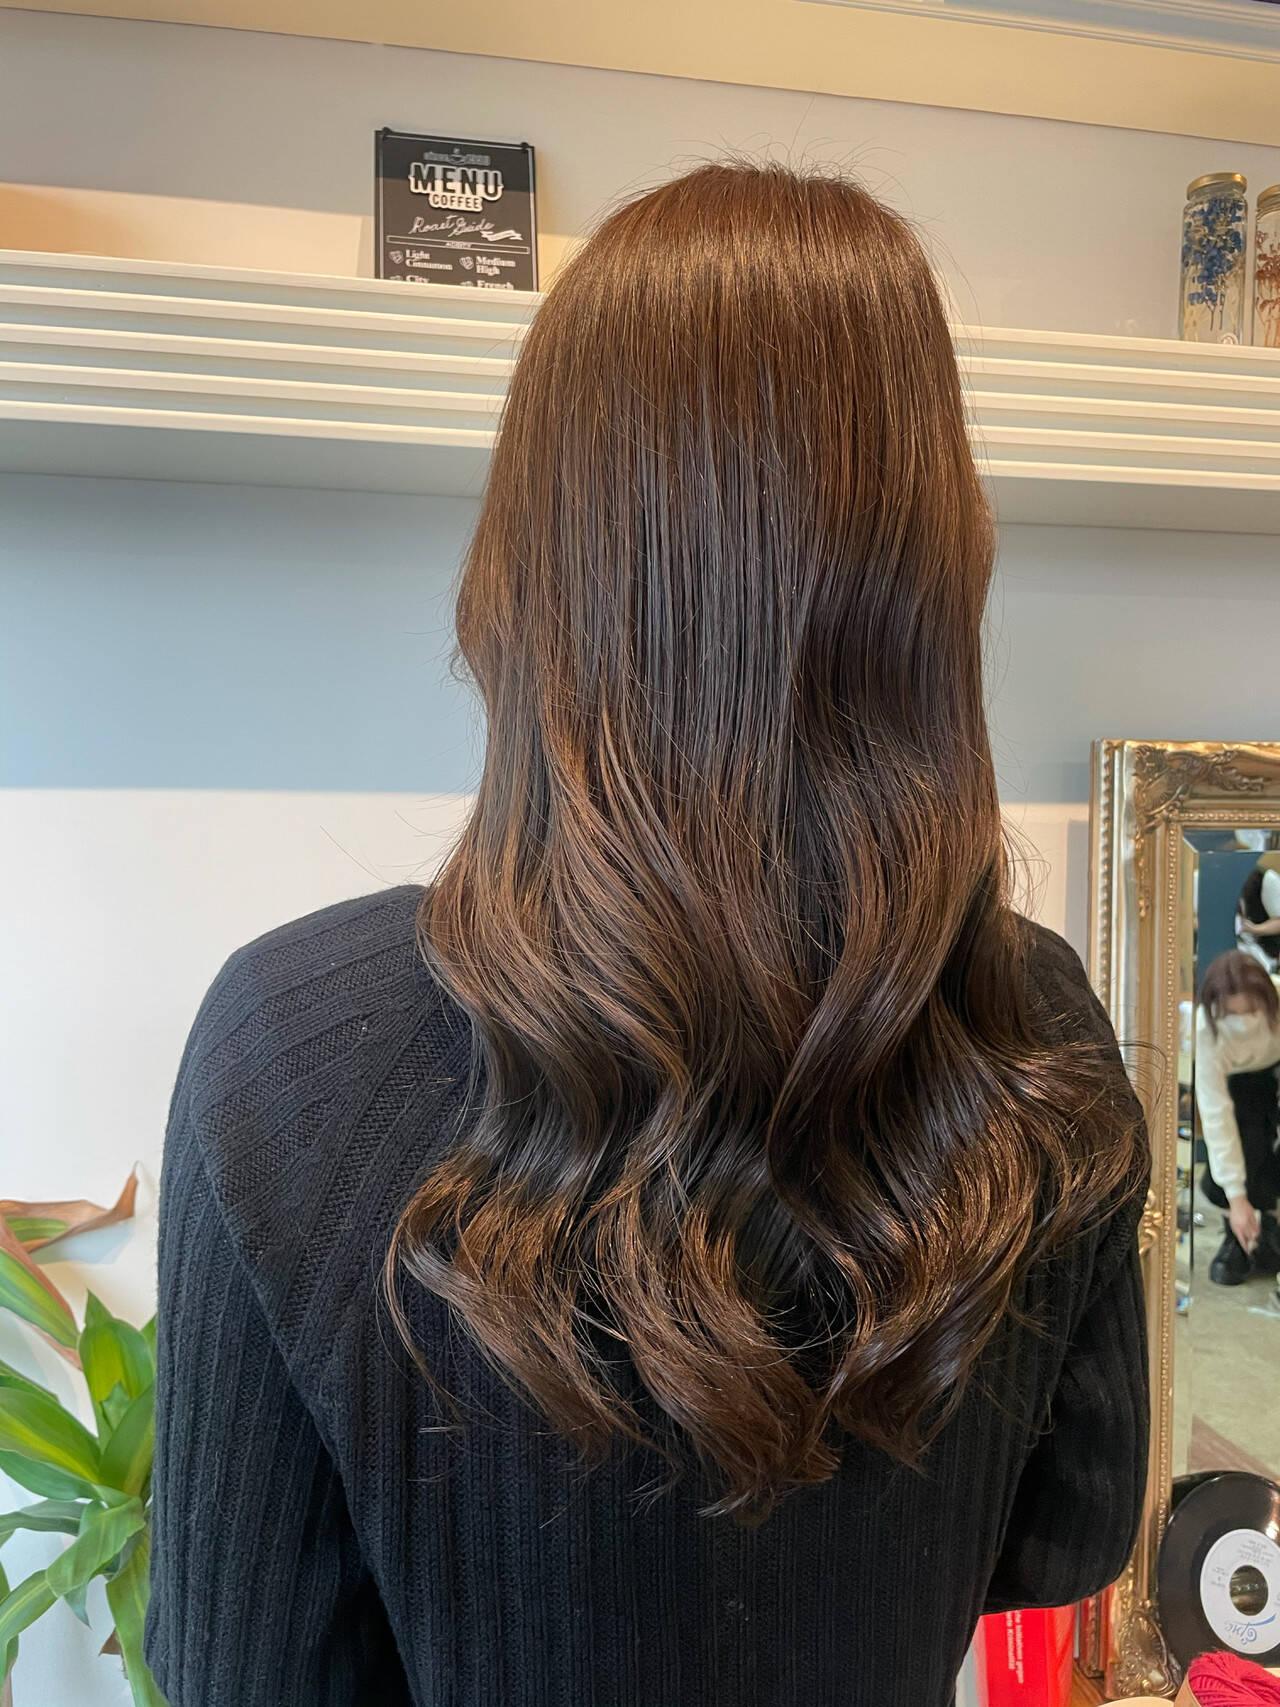 ベージュカラー エレガント シアーベージュ ロングヘアスタイルや髪型の写真・画像